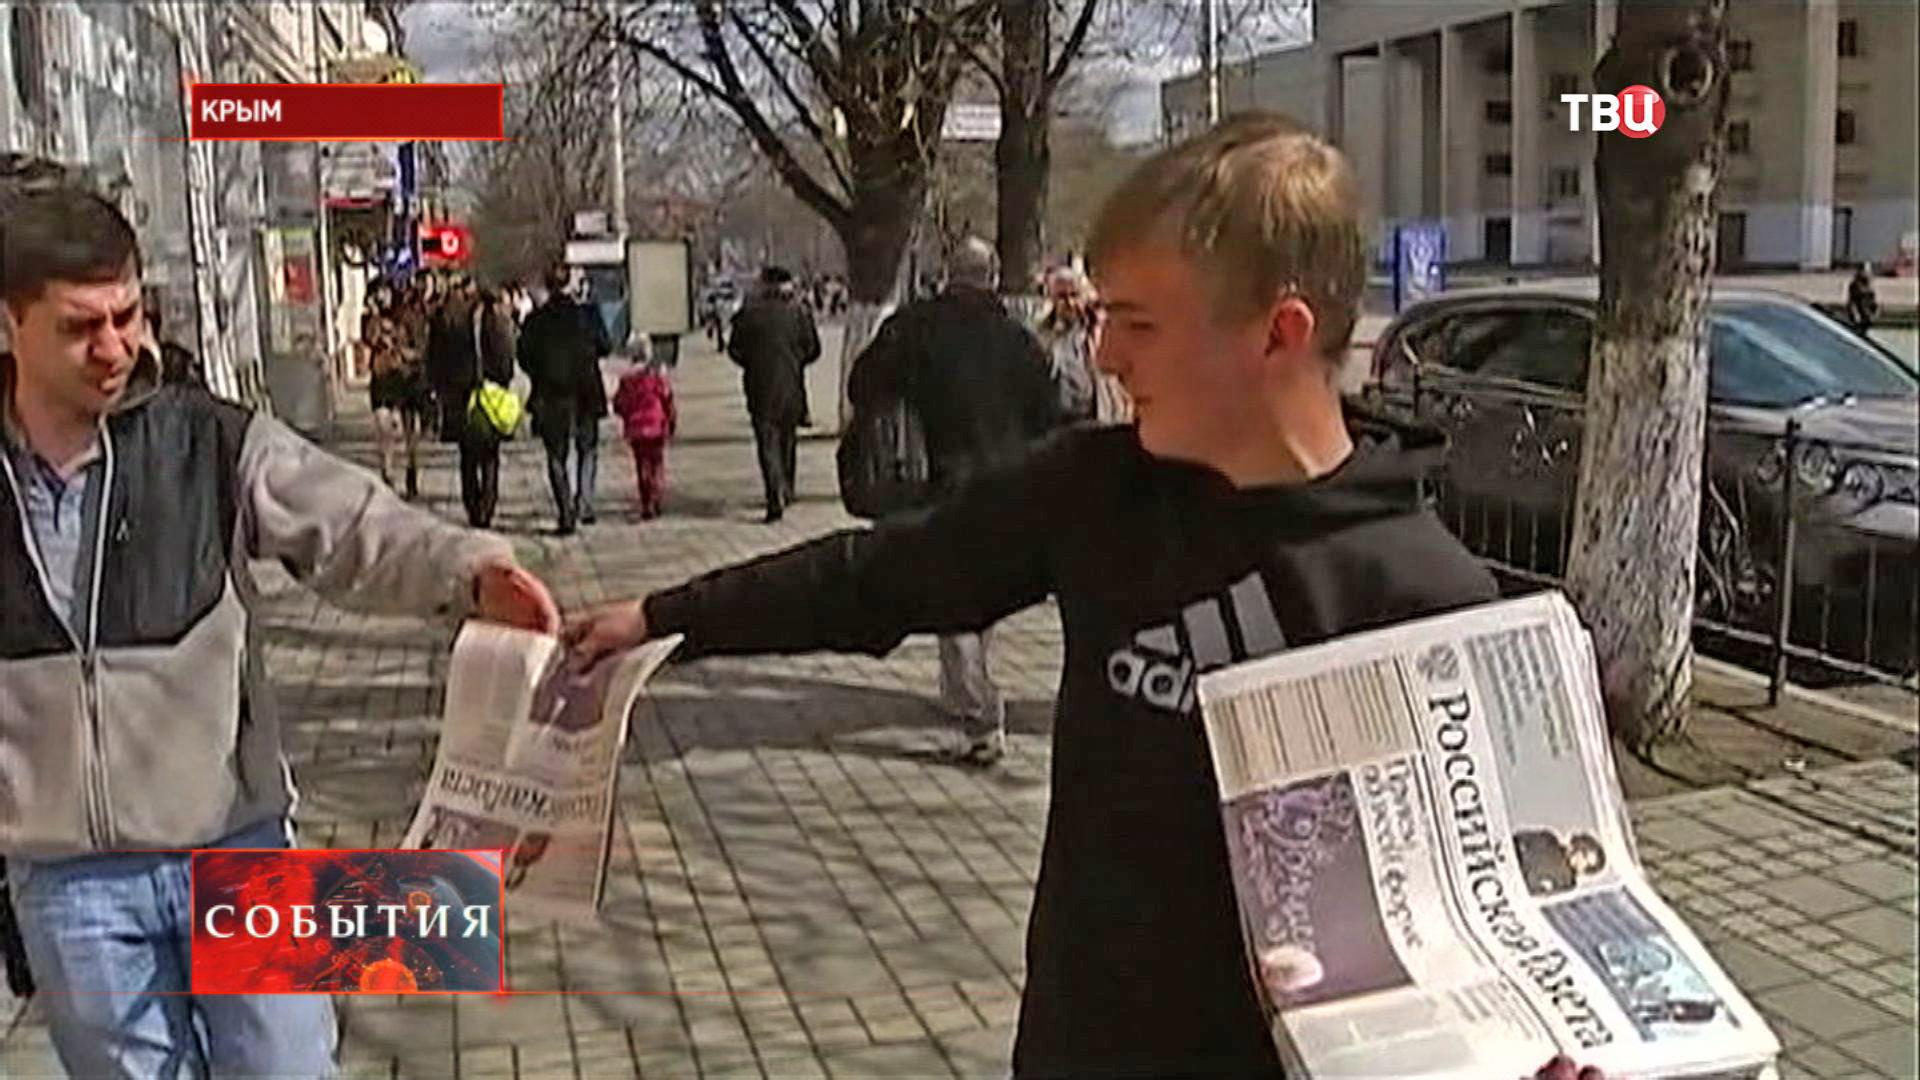 Молодой человек раздает прессу на улице Крыма